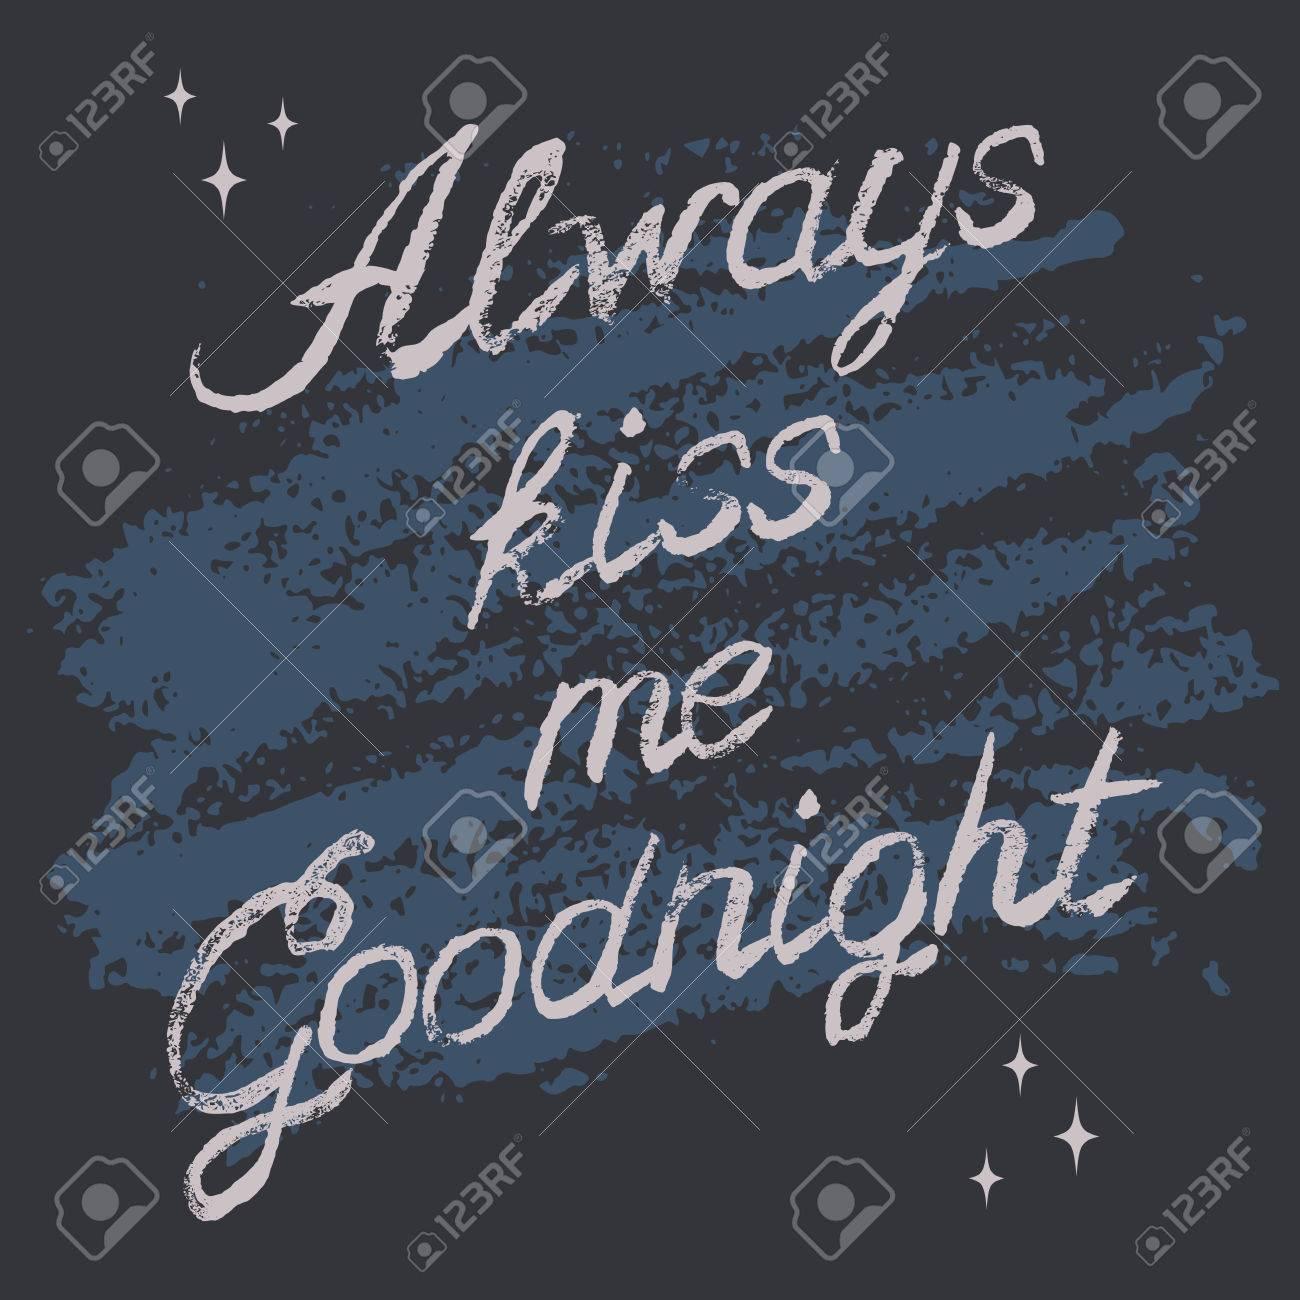 Romantische Typografie Plakat Küssen Sie Mich Immer Gute Nacht